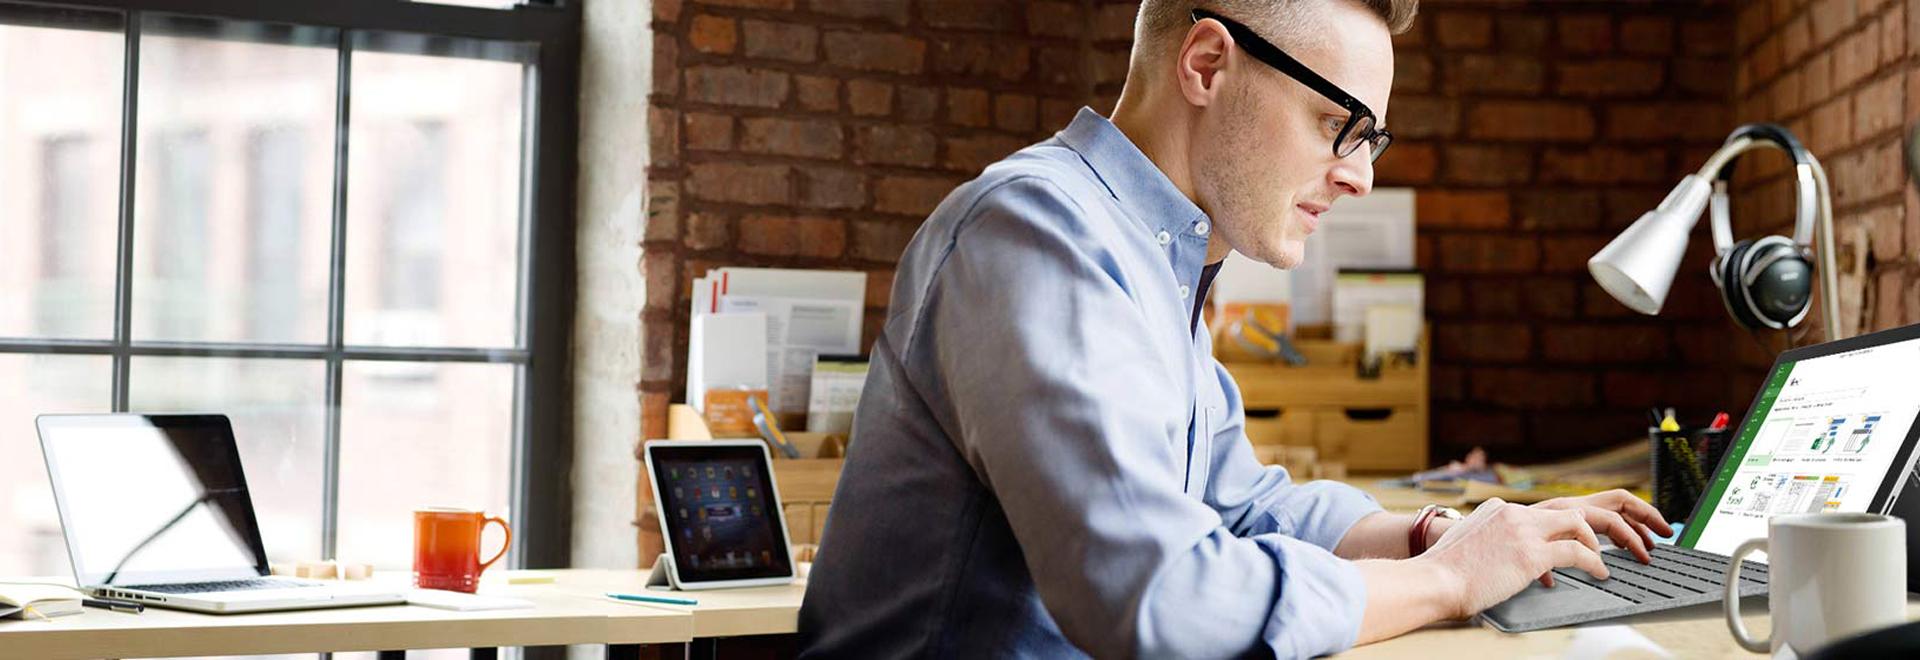 Seorang lelaki duduk di meja dan bekerja dengan tablet Surface, menggunakan Microsoft Project.